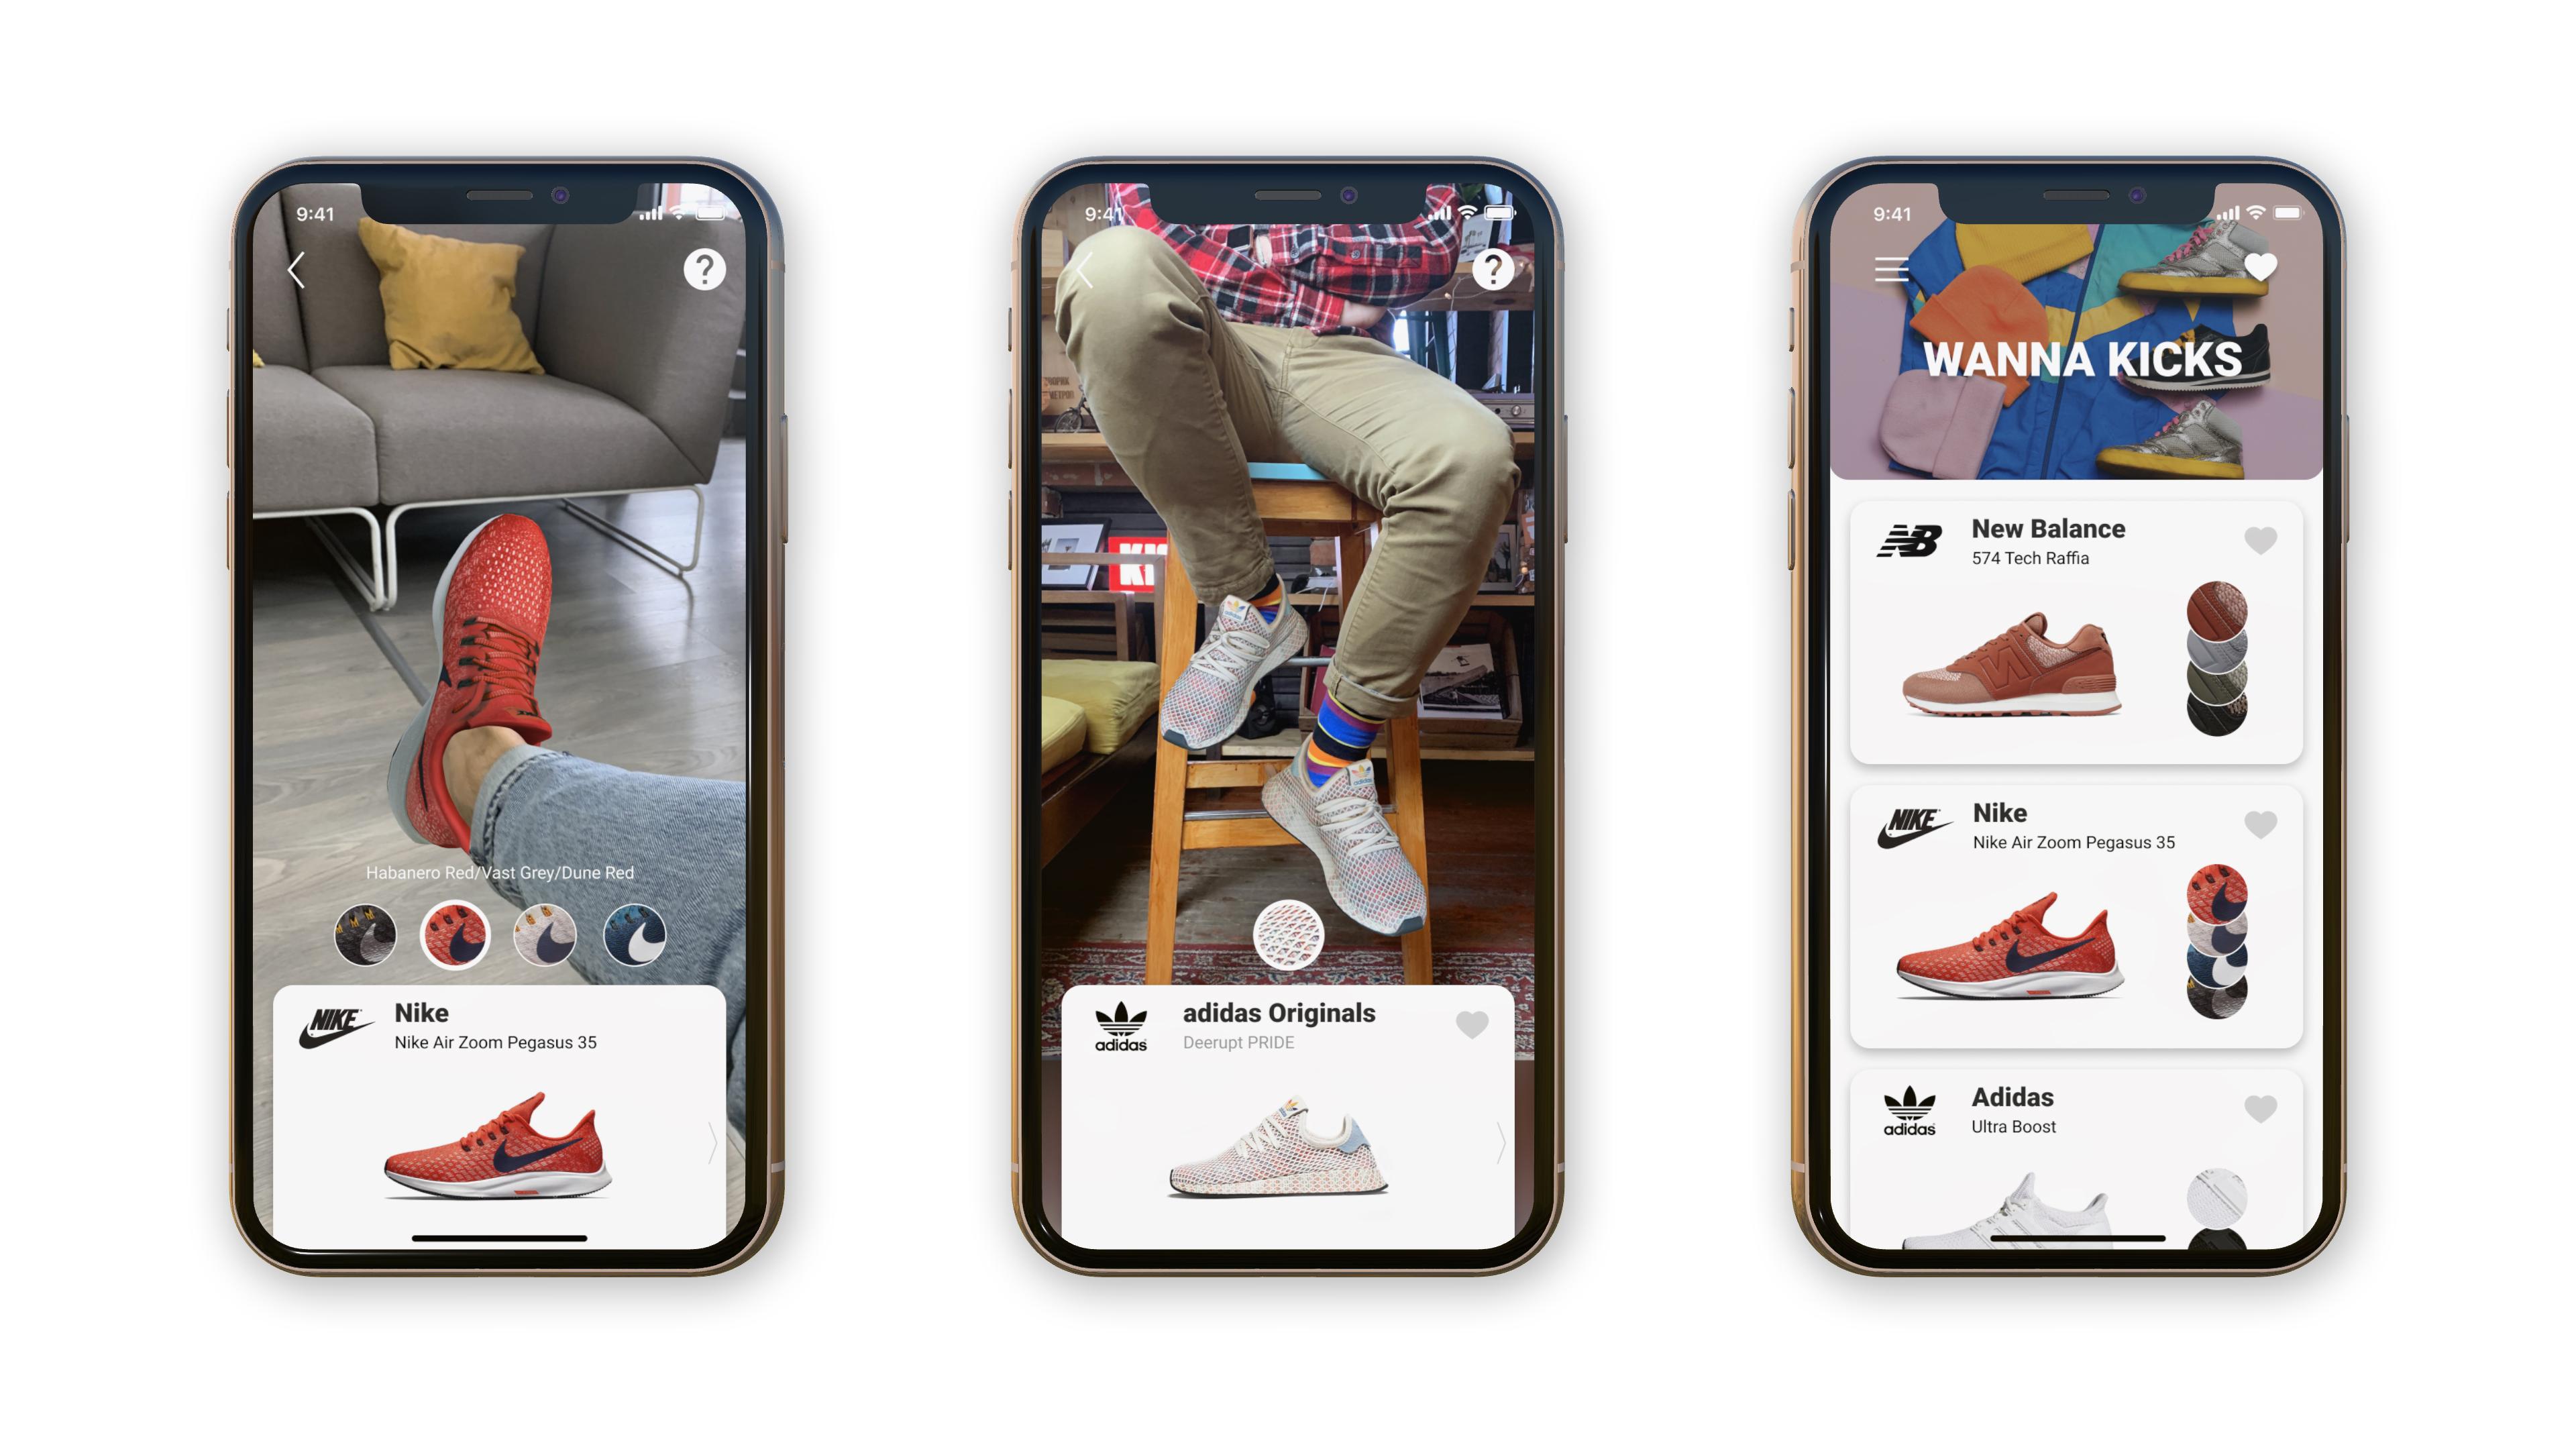 Wanna Kicks, a new AR app from Wannaby